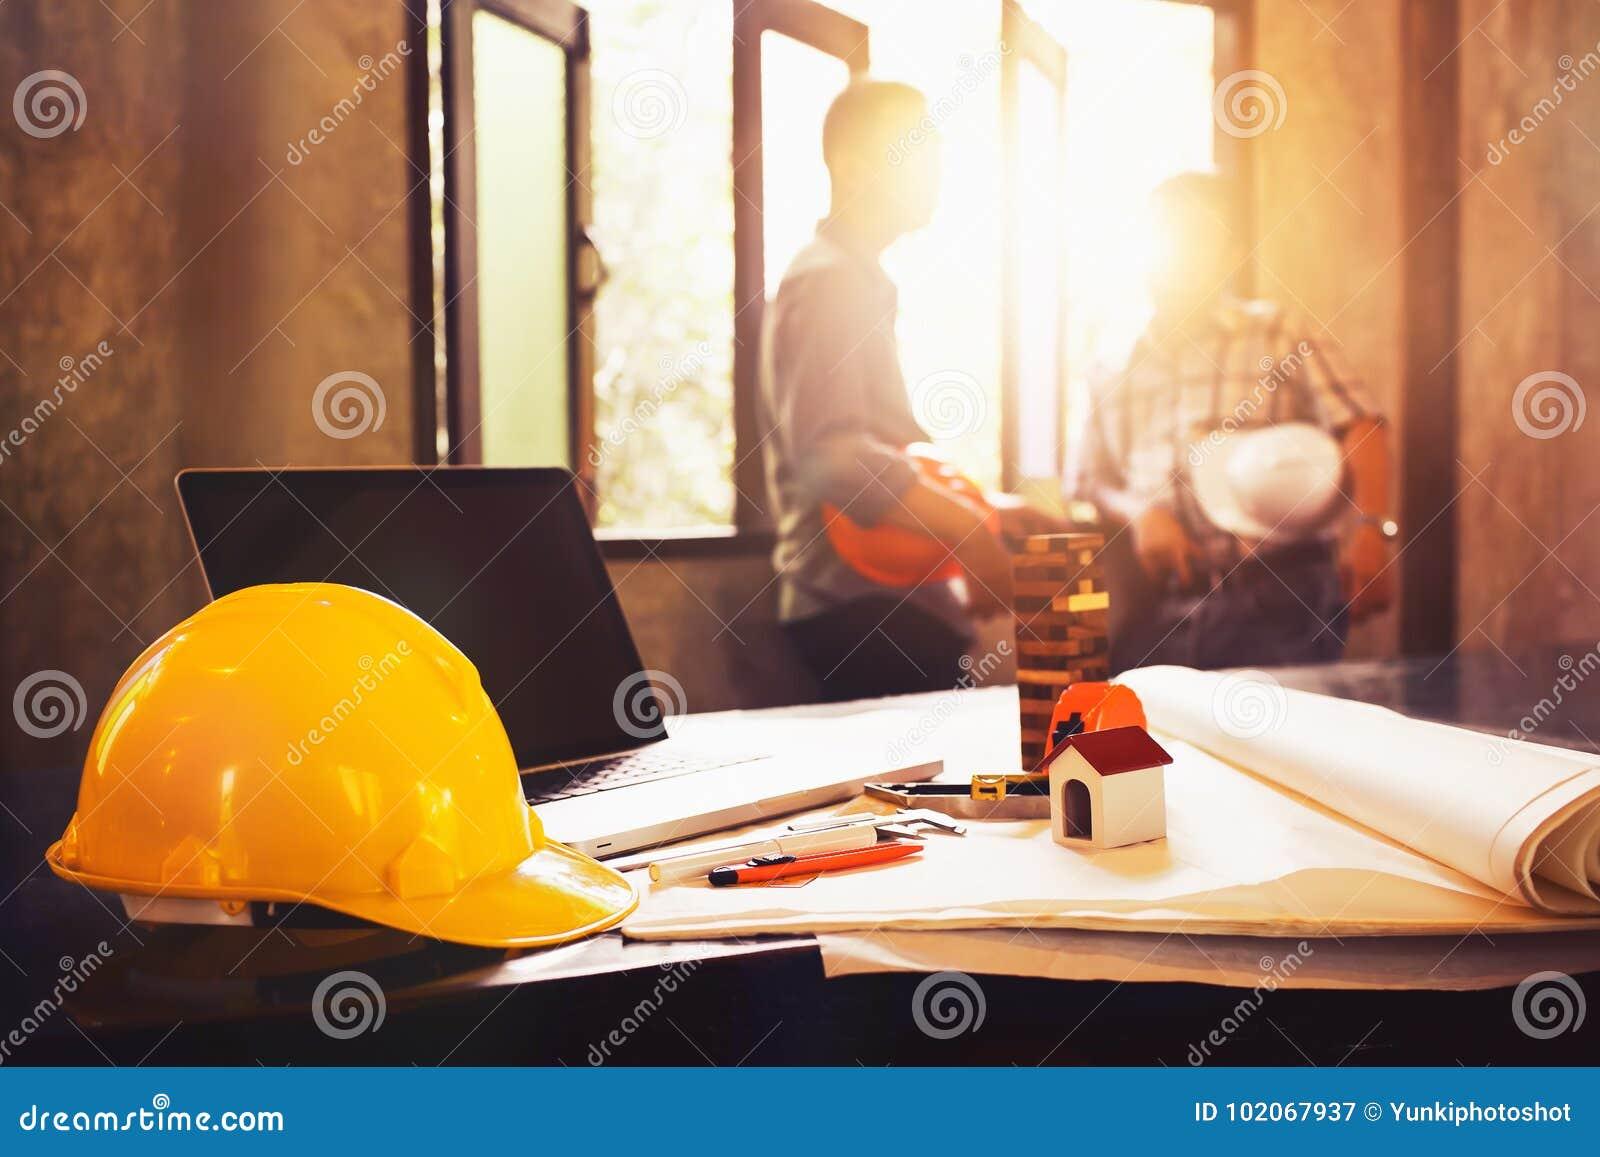 Iscensätta skrivbordet med objekt och skyla över brister med oskarp teknikerteamwor